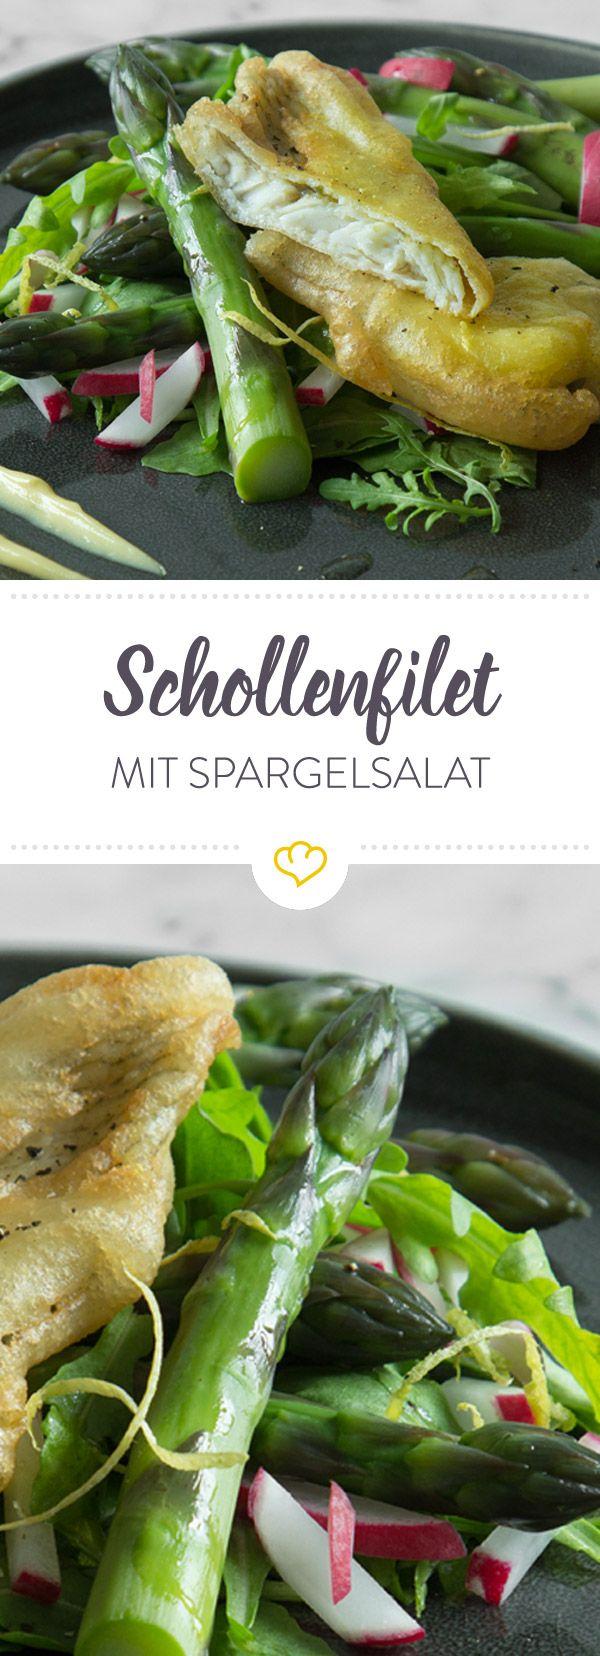 In knuspriger Zitronenpanade gegart betten sich die zarten Schollenfilets auf einem Salat aus frischem Spargel, Rucola und Radieschen.